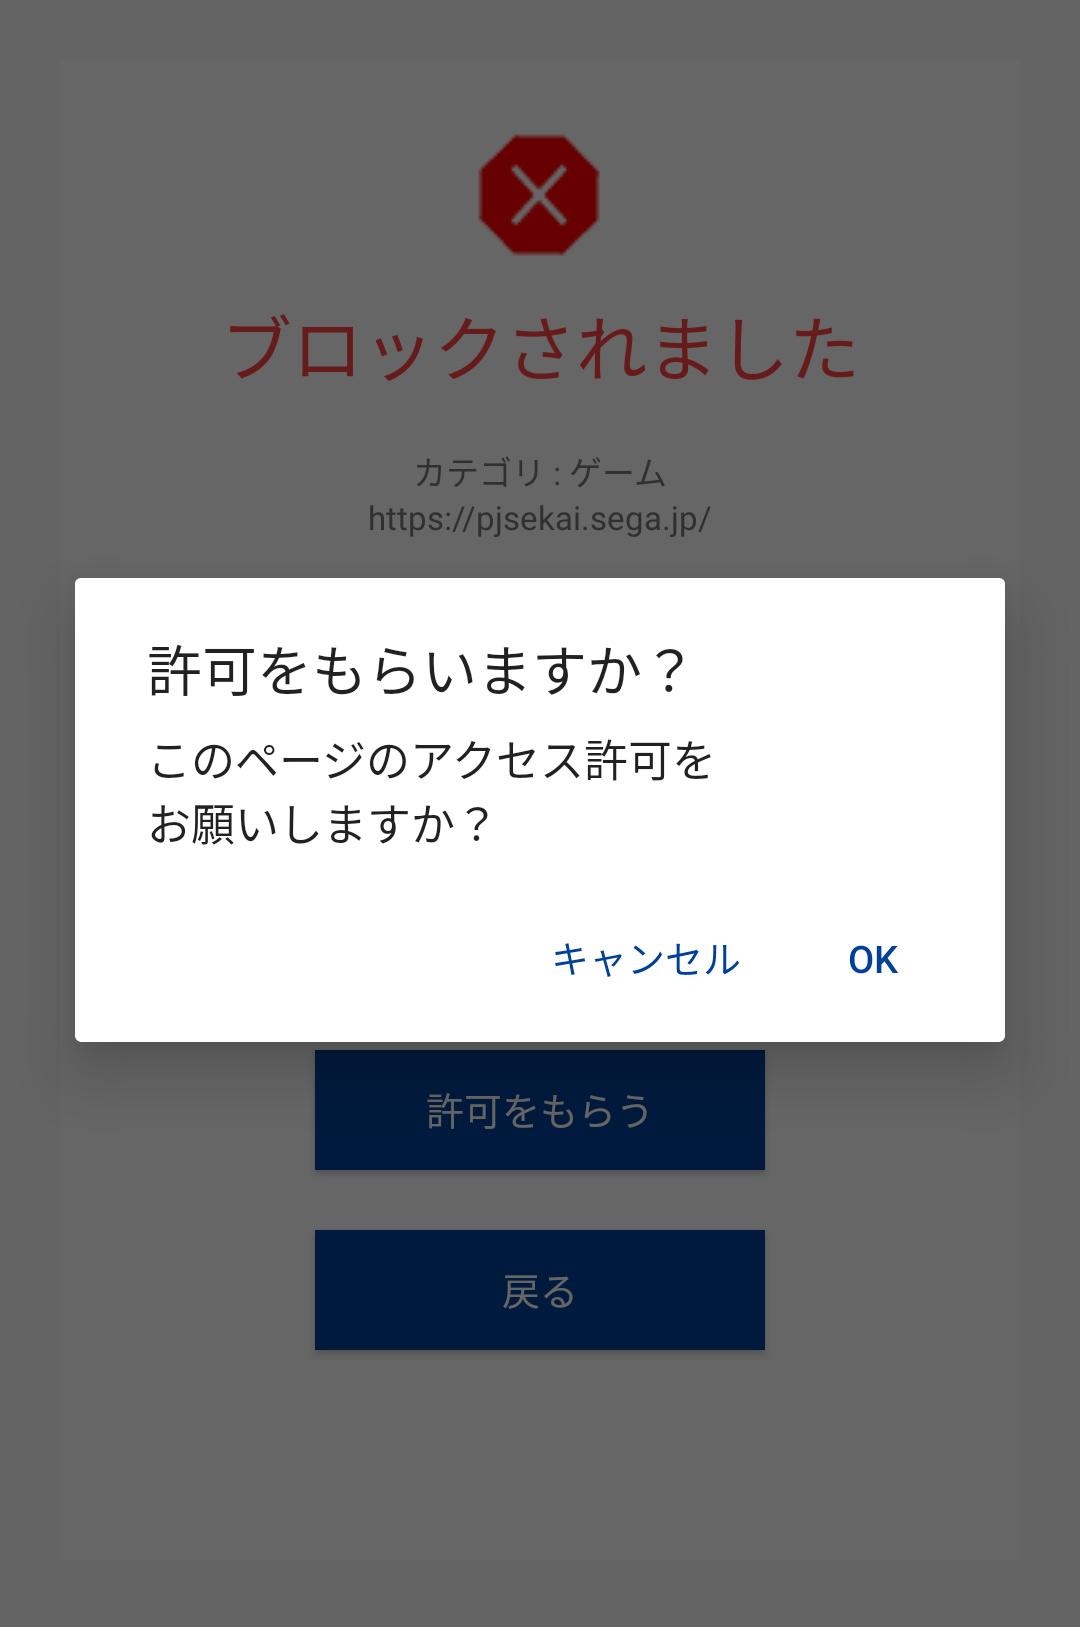 TONEモバイル(トーンモバイル)あんしんインターネットで年齢に応じて有害サイトをブロック!